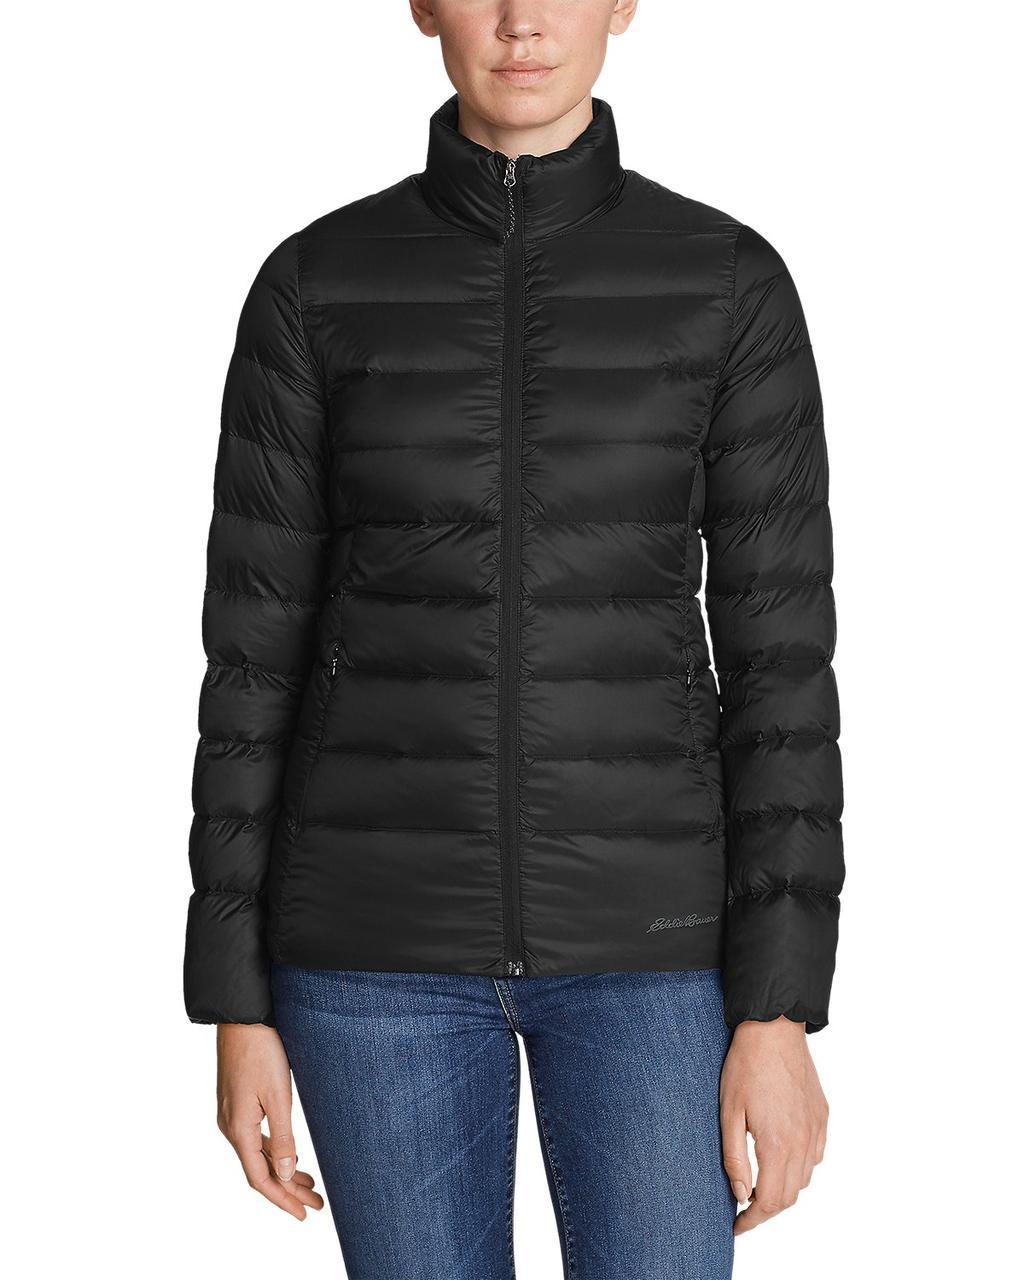 Куртка Eddie Bauer Women's CirrusLite Down Jacket S